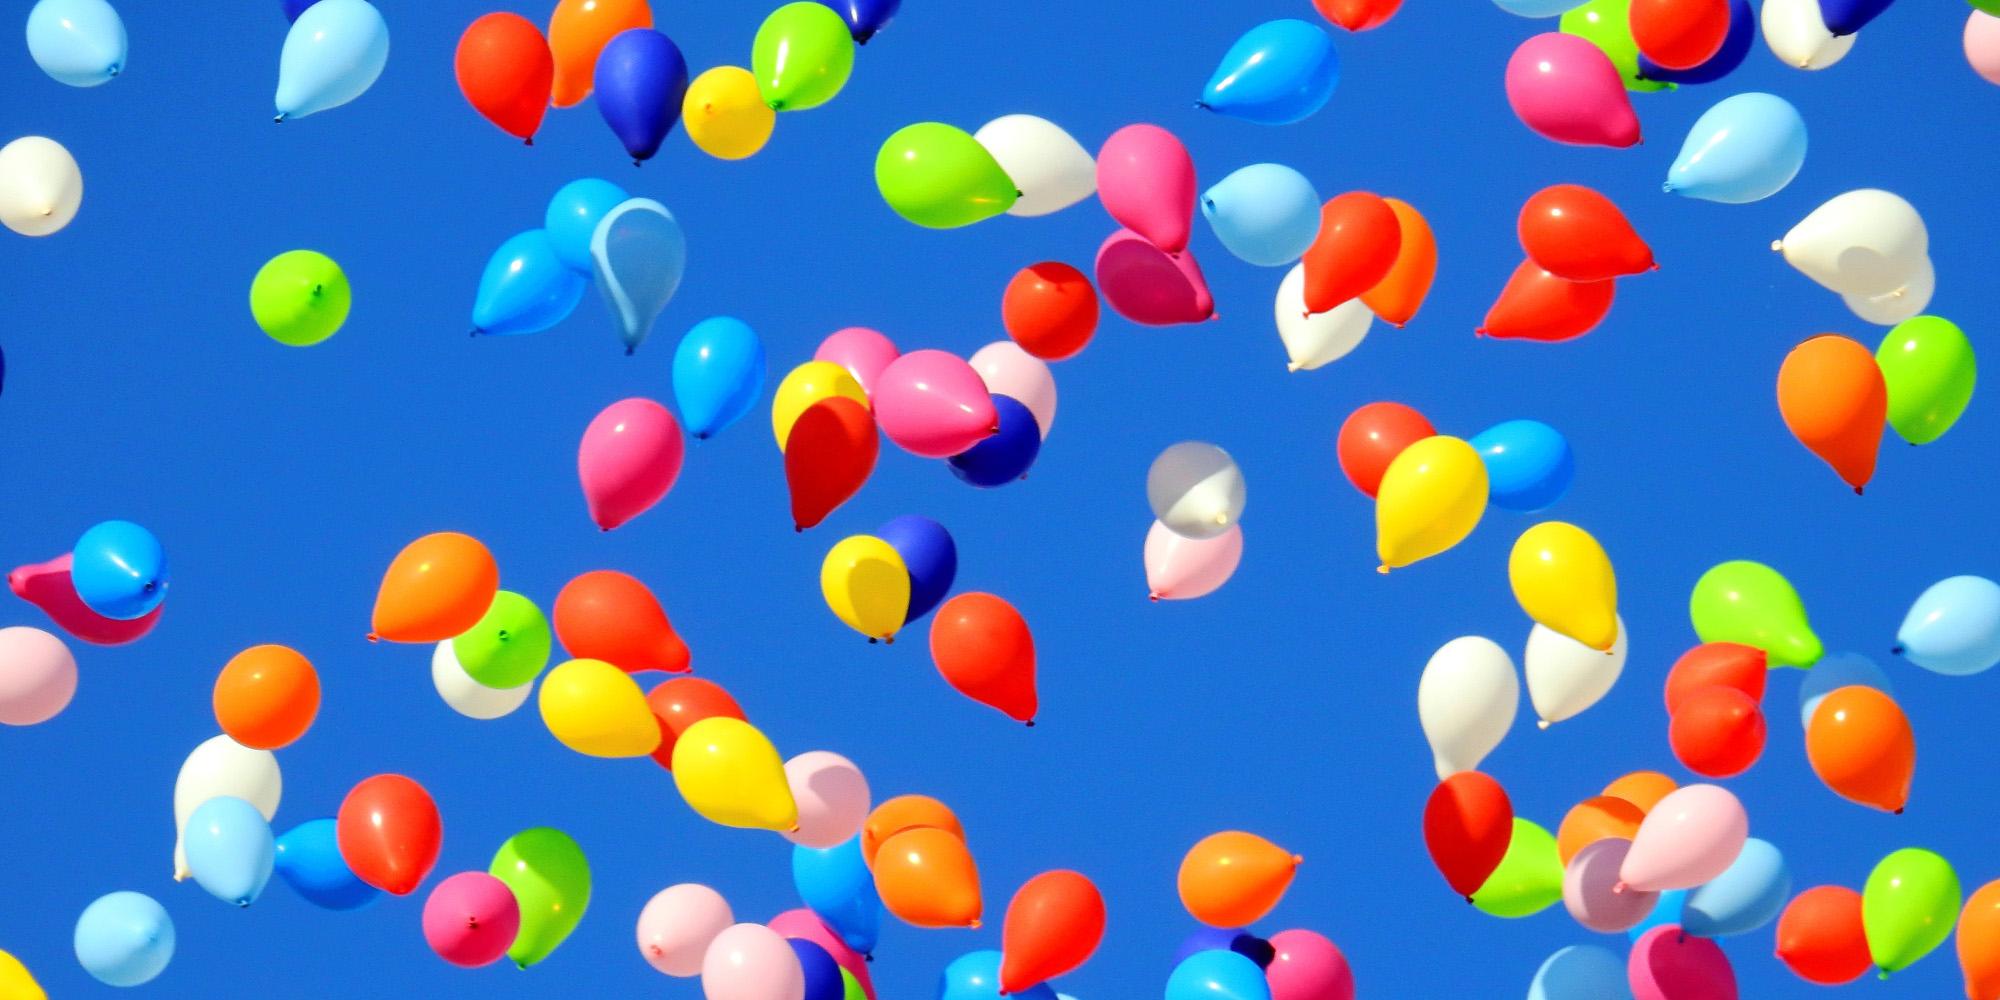 Balonky a plnění heliem